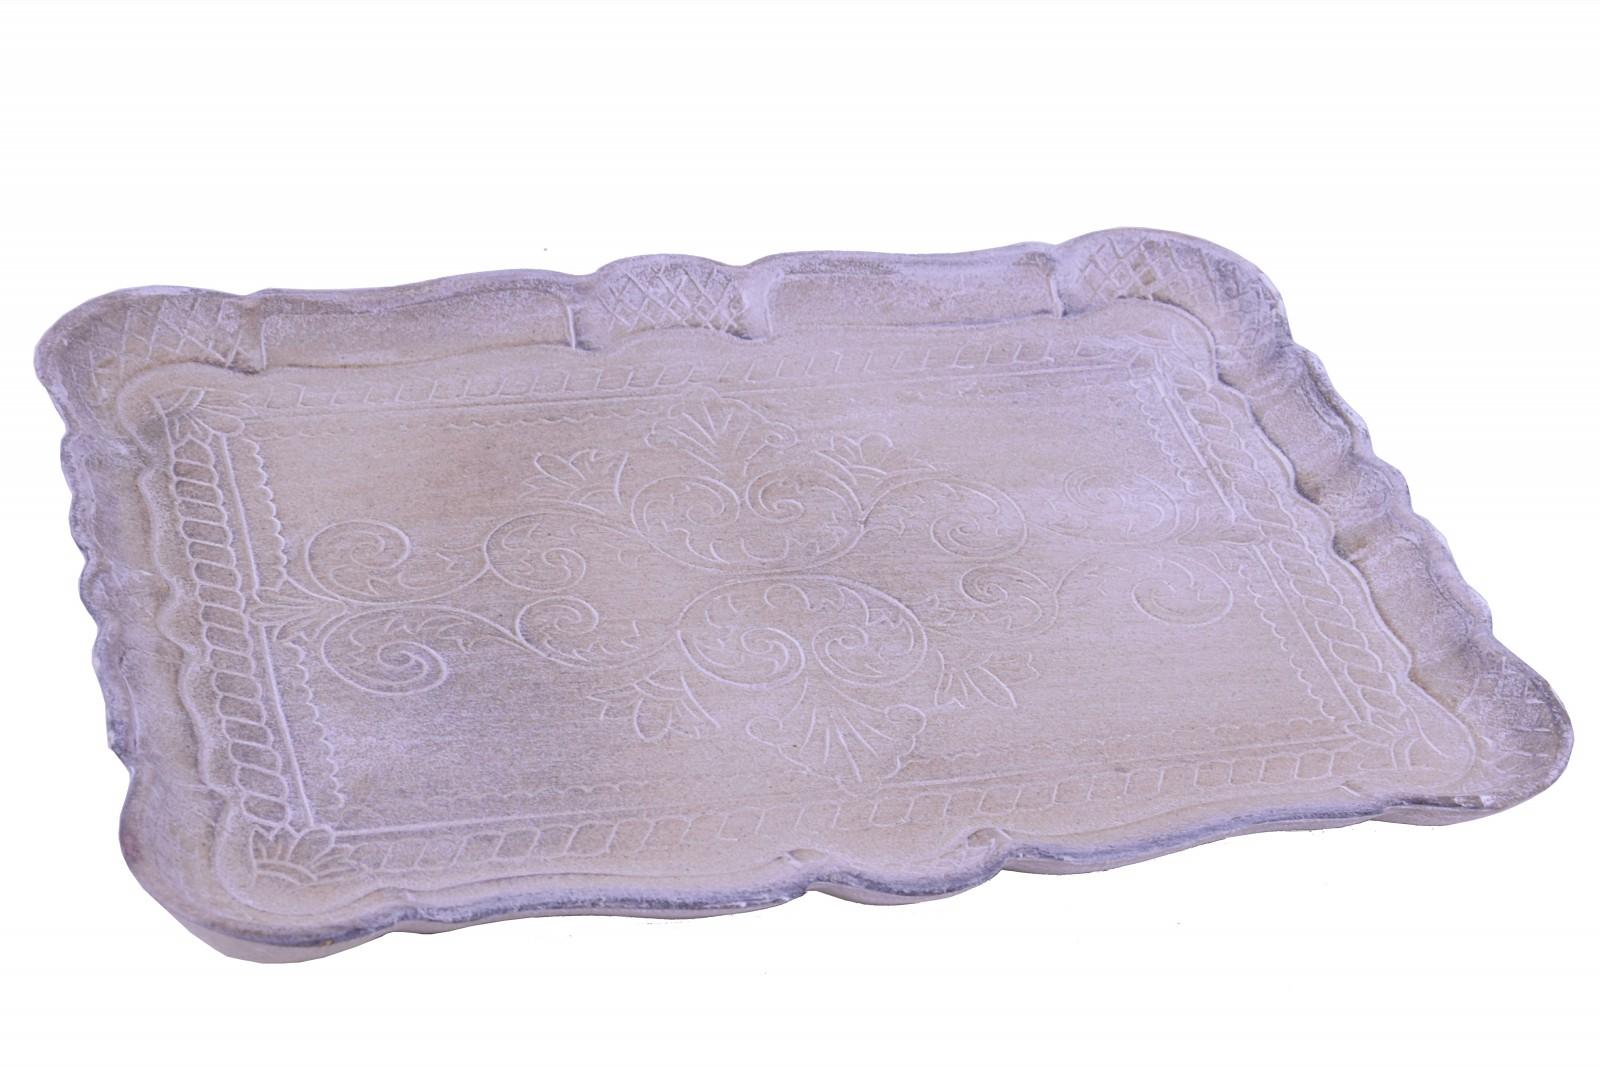 Dřevěný tác s ornamenty Velikost: menší - 31,5X23X2,5cm